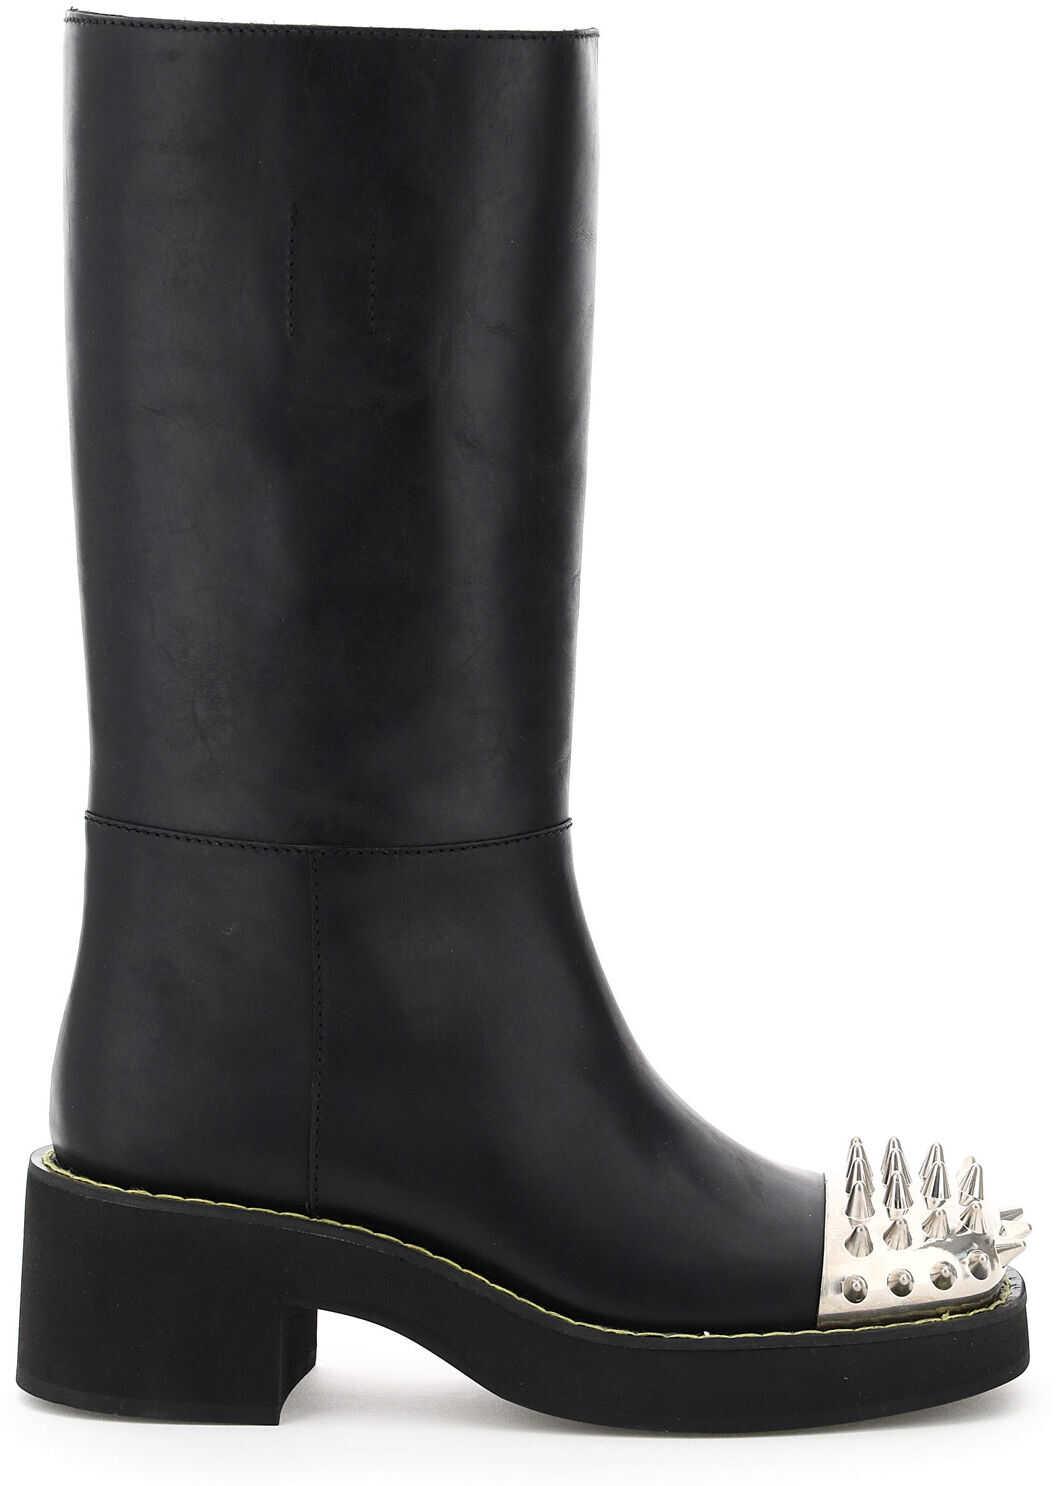 Miu Miu Studded Leather Boots 5W319D 3LDZ NERO imagine b-mall.ro